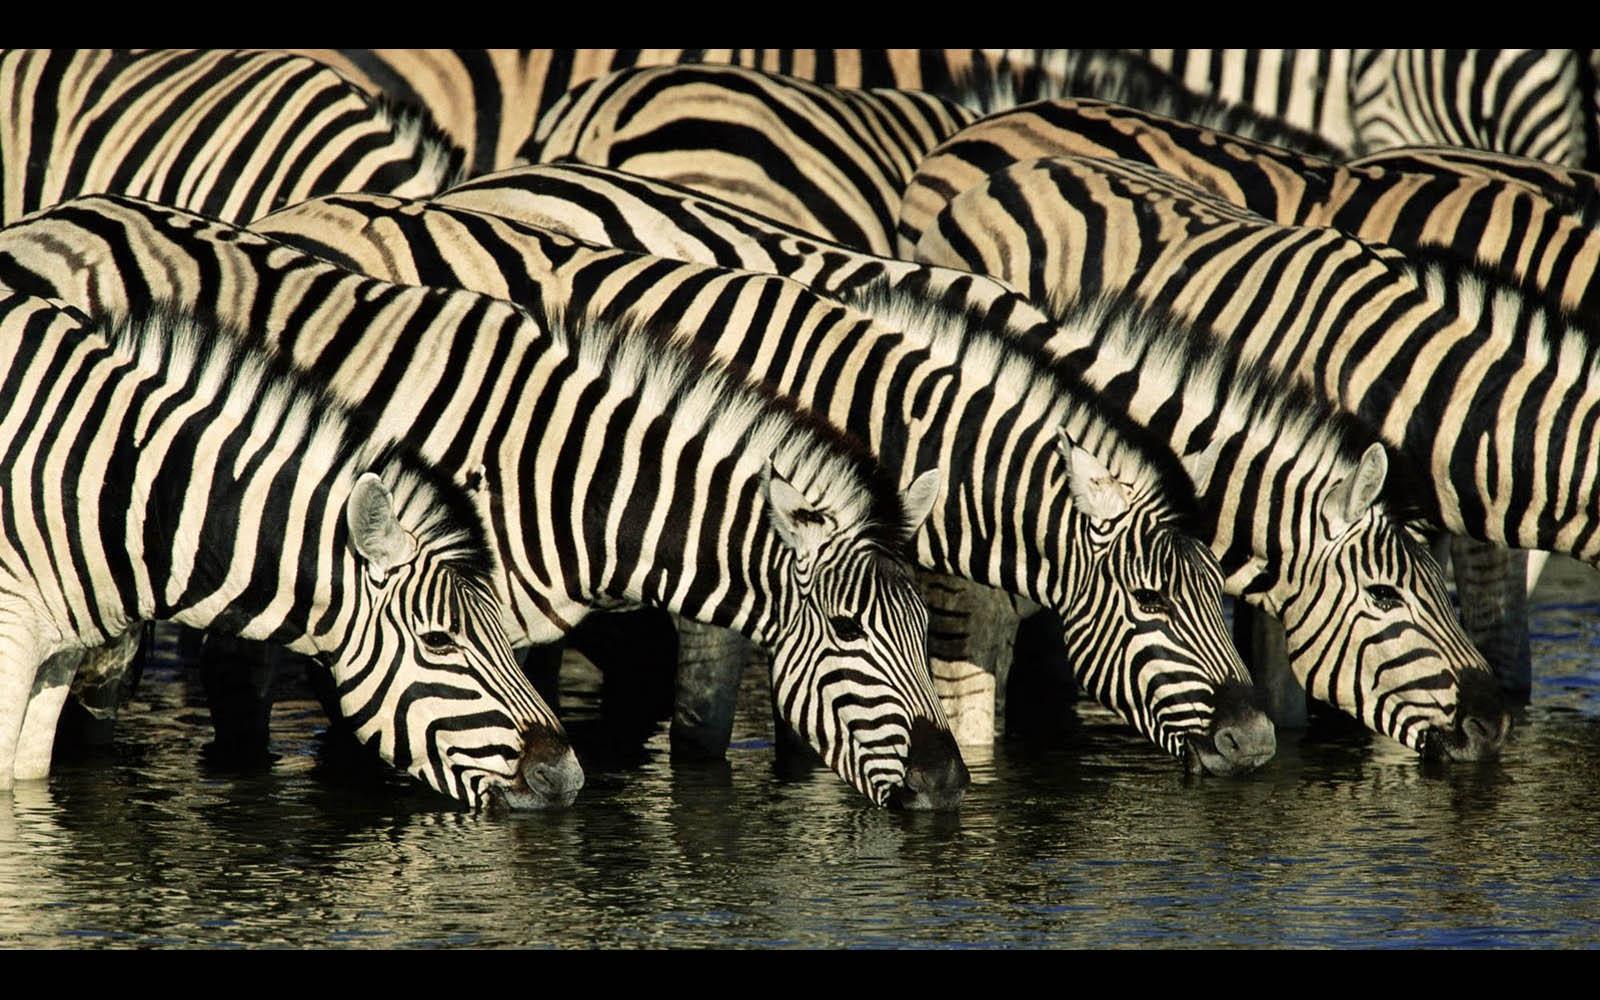 3d Tiger Wallpapers For Desktop Wallpapers Zebra Wallpapers